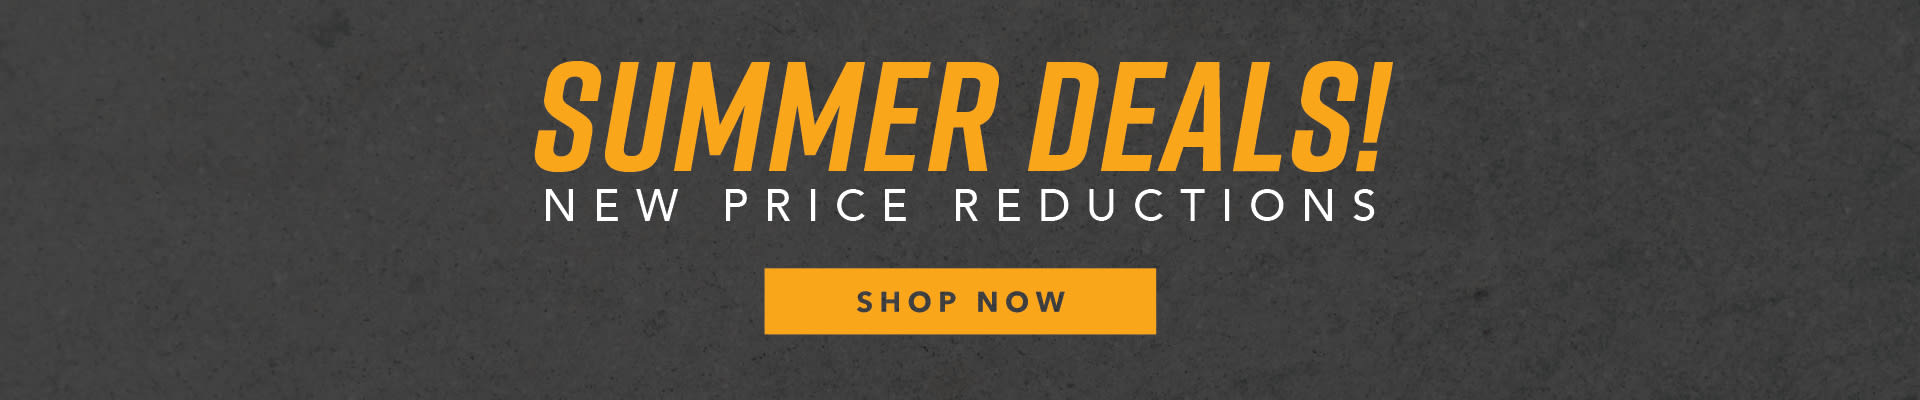 Summer Deals on Goalie Equipment